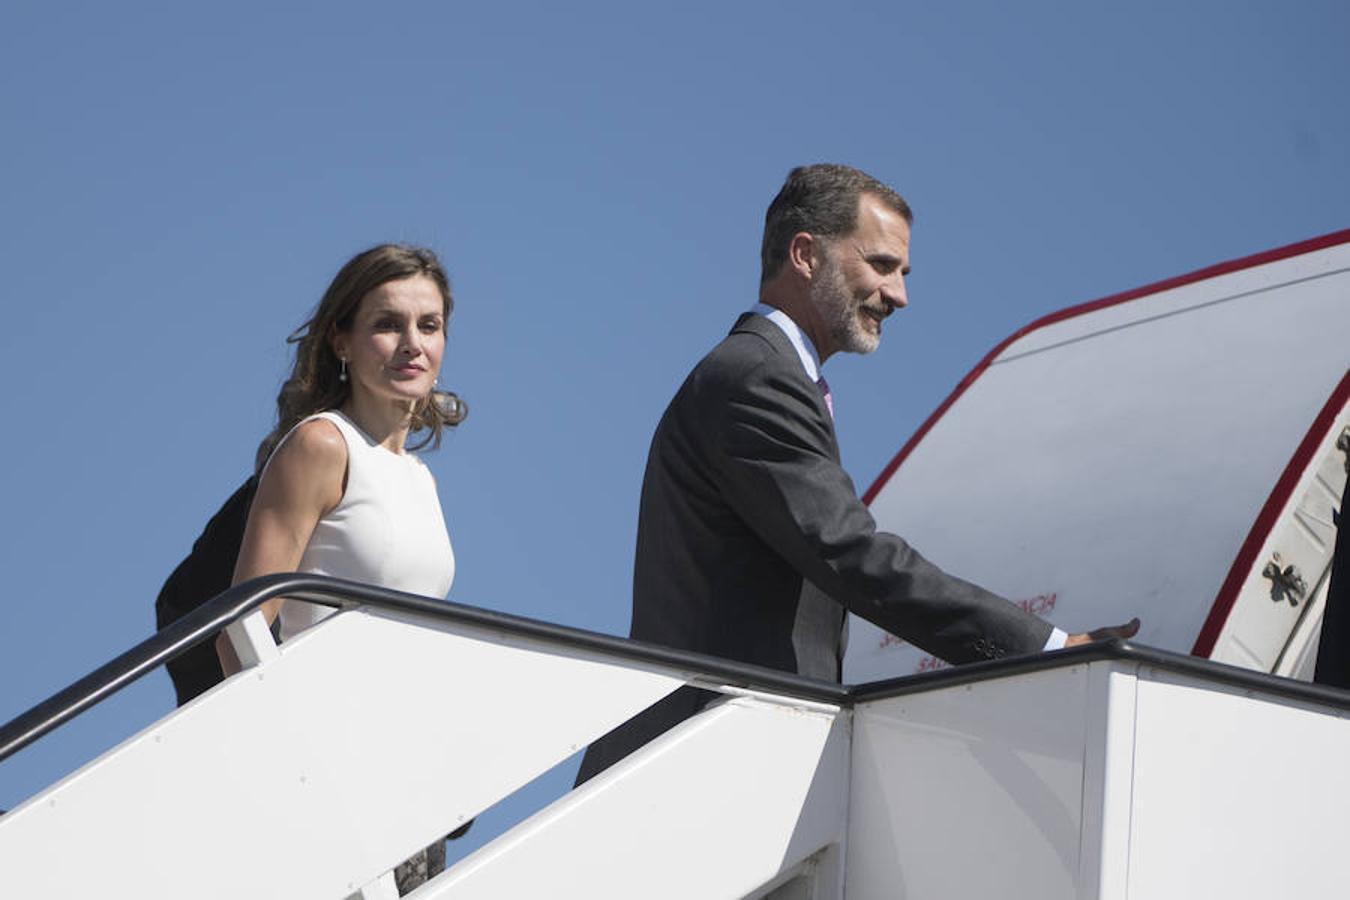 Pabellón de Estado de la T4 en el Aeropuerto Alfo Suarez Madrid Barajas. Los Reyes de España, Don Felipe y Doña Letizia, salen en viaje de estado a Londres.